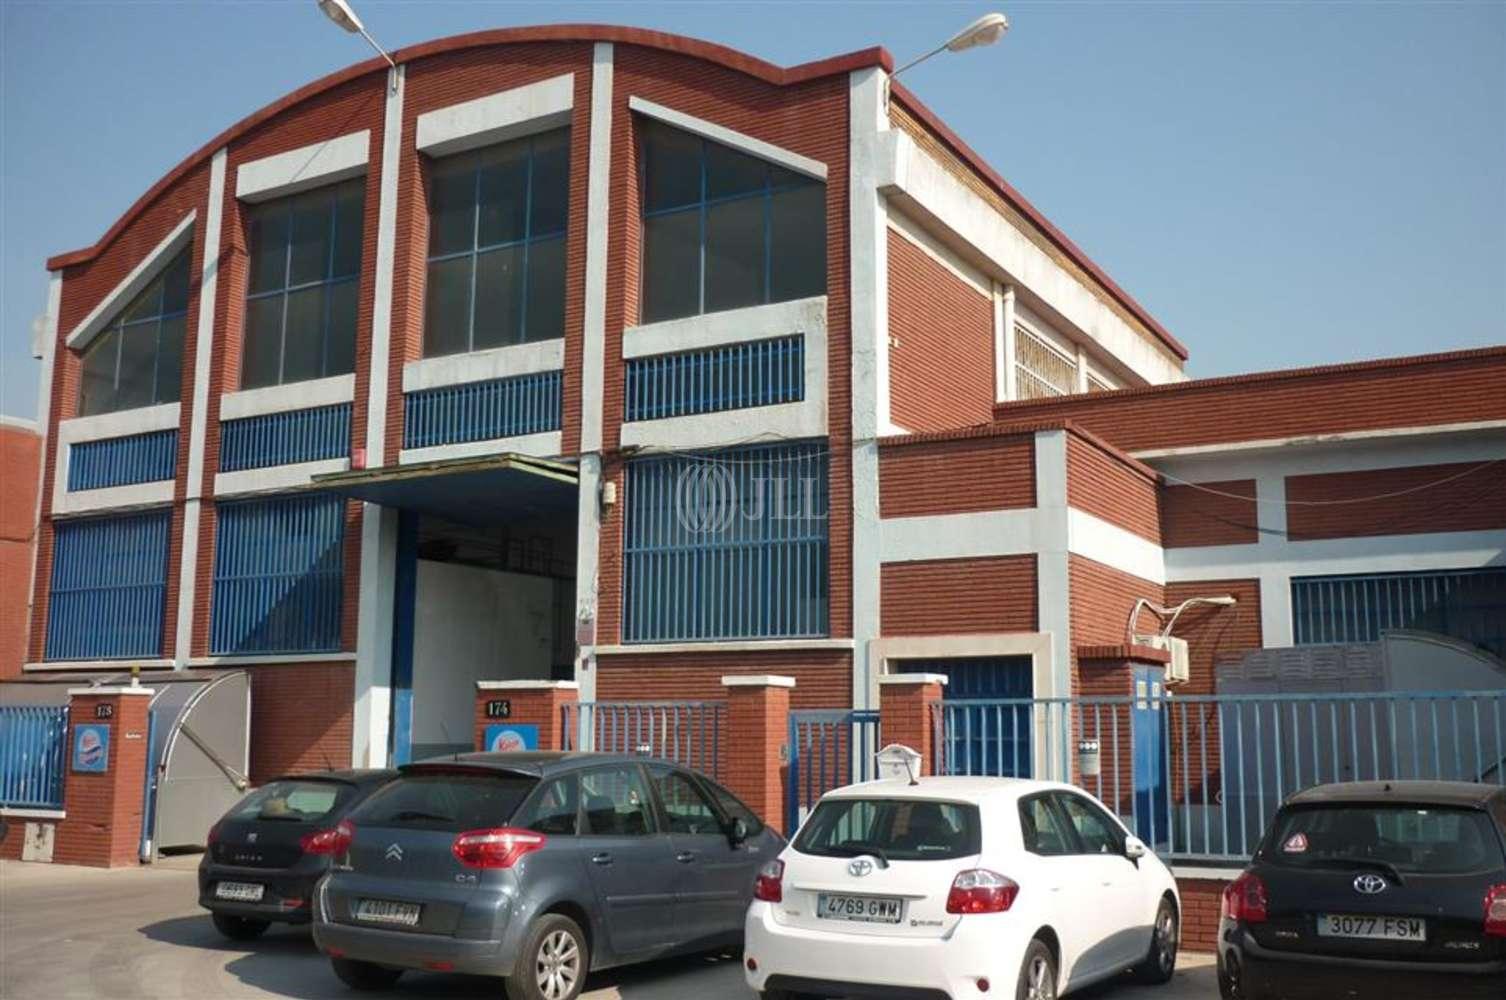 Naves industriales y logísticas Barcelona, 08018 - Nave Industrial - B0319 - PI BESOS - 12795